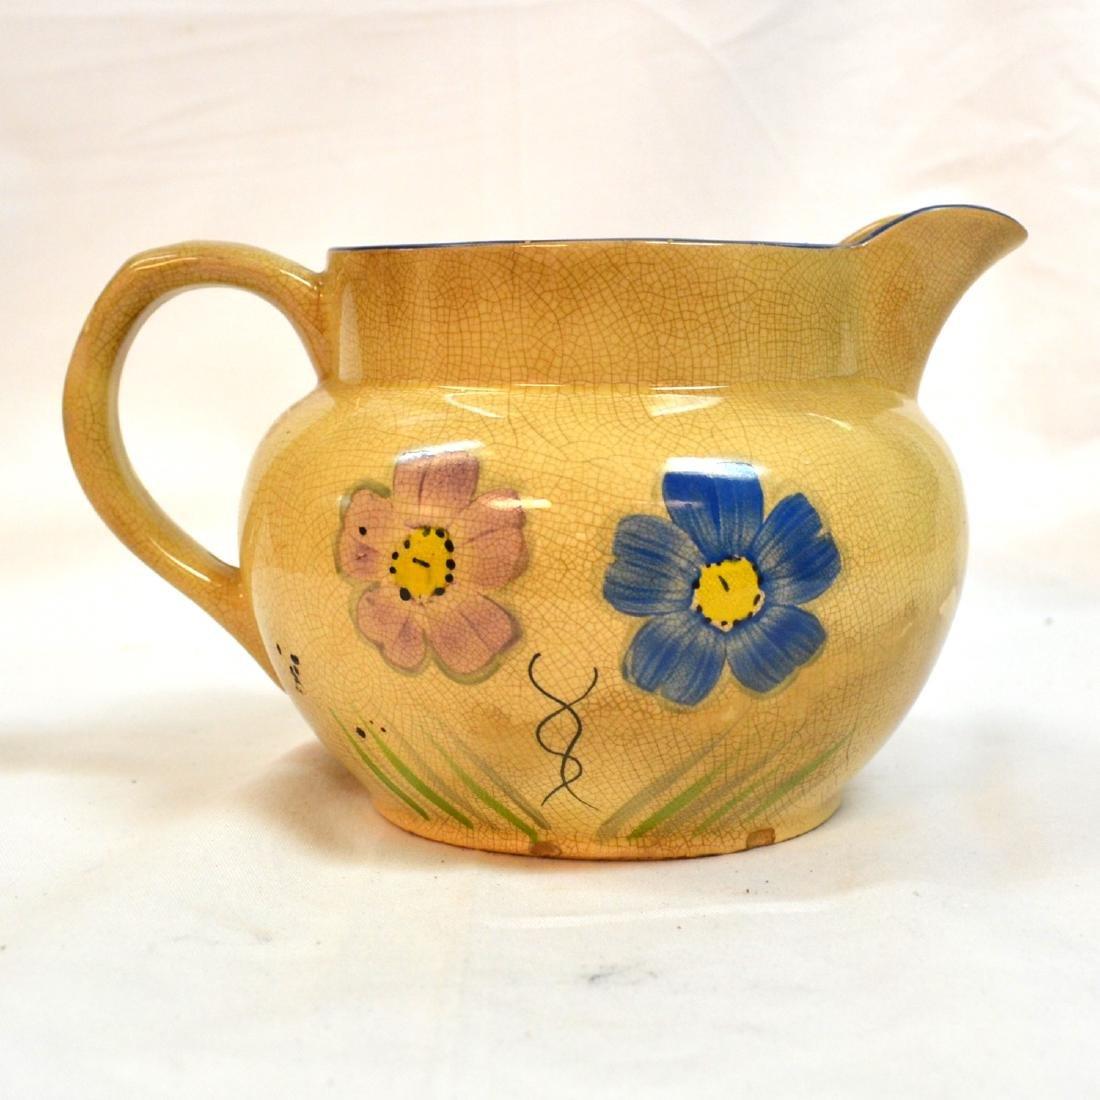 Antique Kensington Pottery Picher England - 2